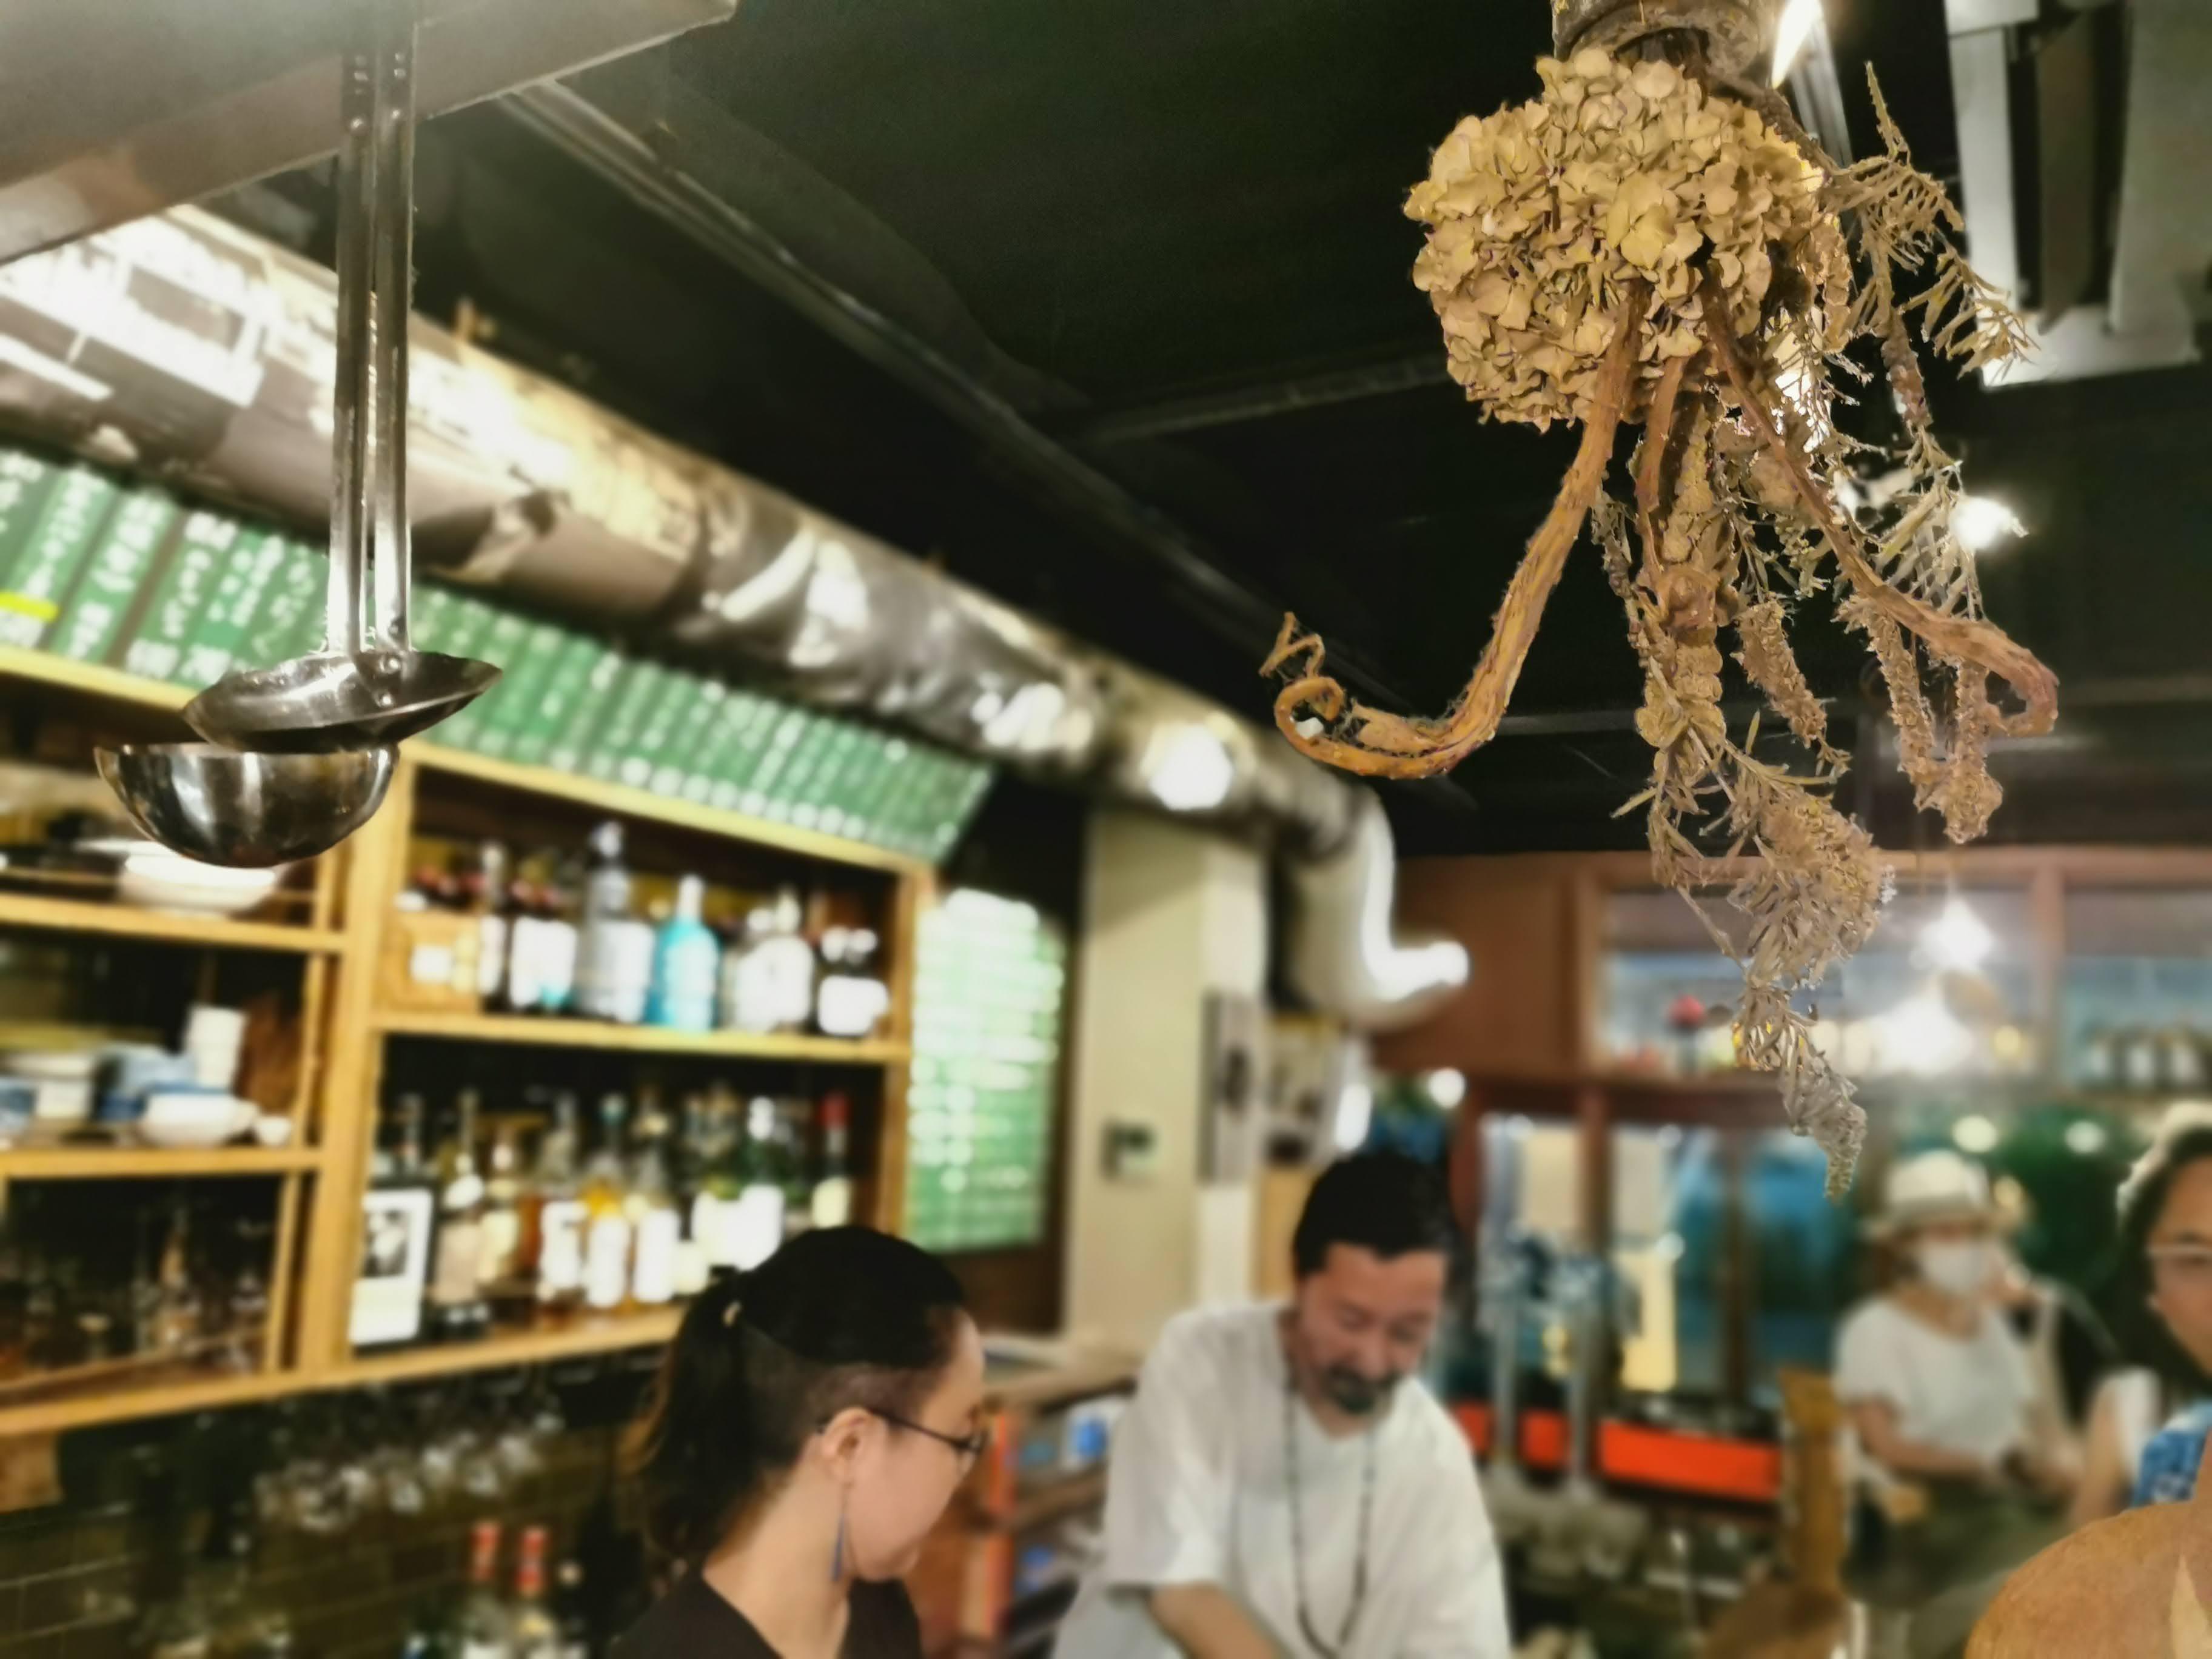 【大阪 堺筋本町】wapiti(ワピチ)@燻製料理をアテに、感度高めの大阪人が夜な夜な集まるゆるくて熱い店。